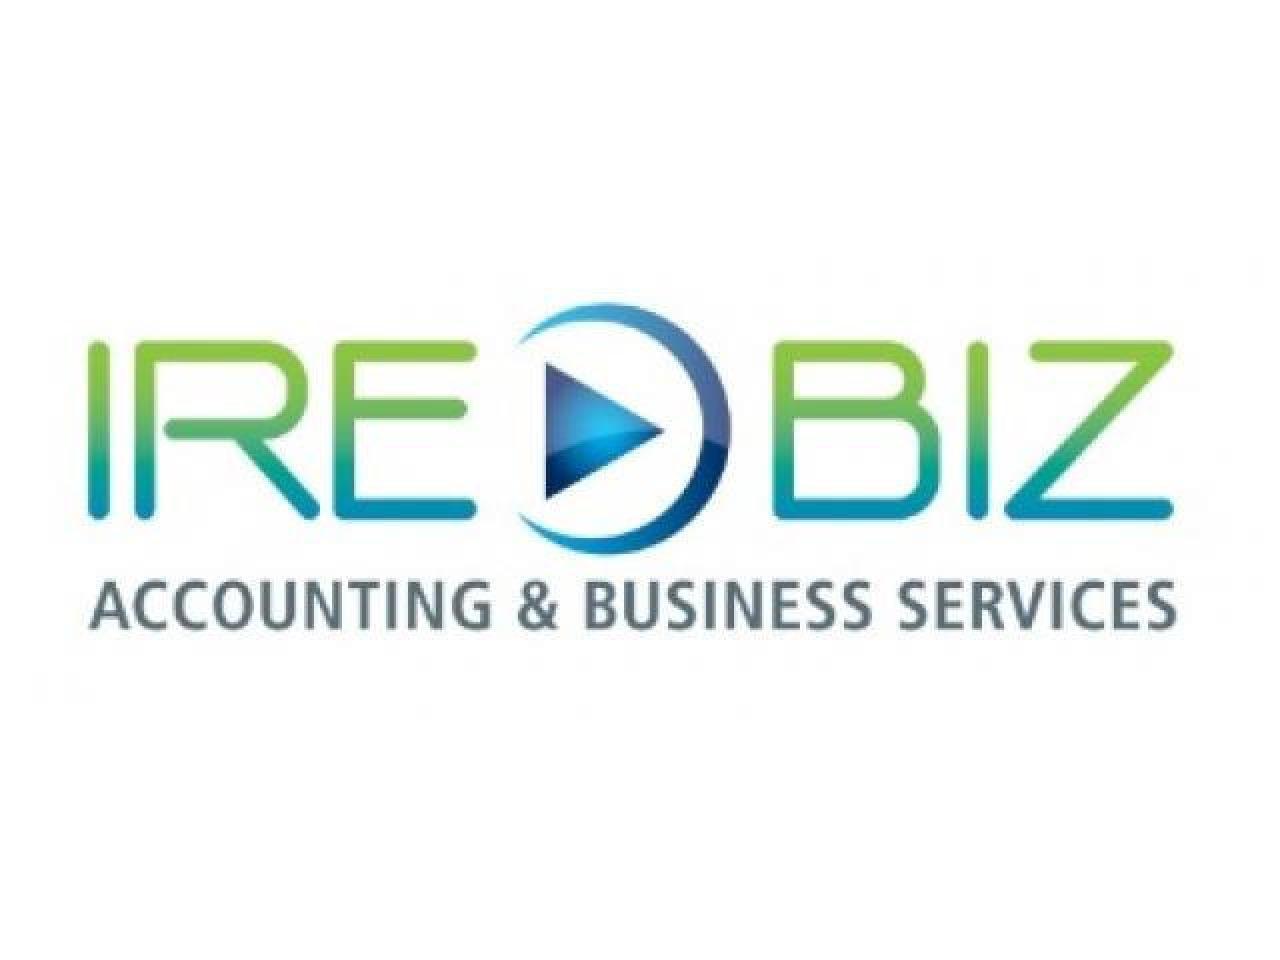 Бухгалтерские услуги и бизнес сервис - 1